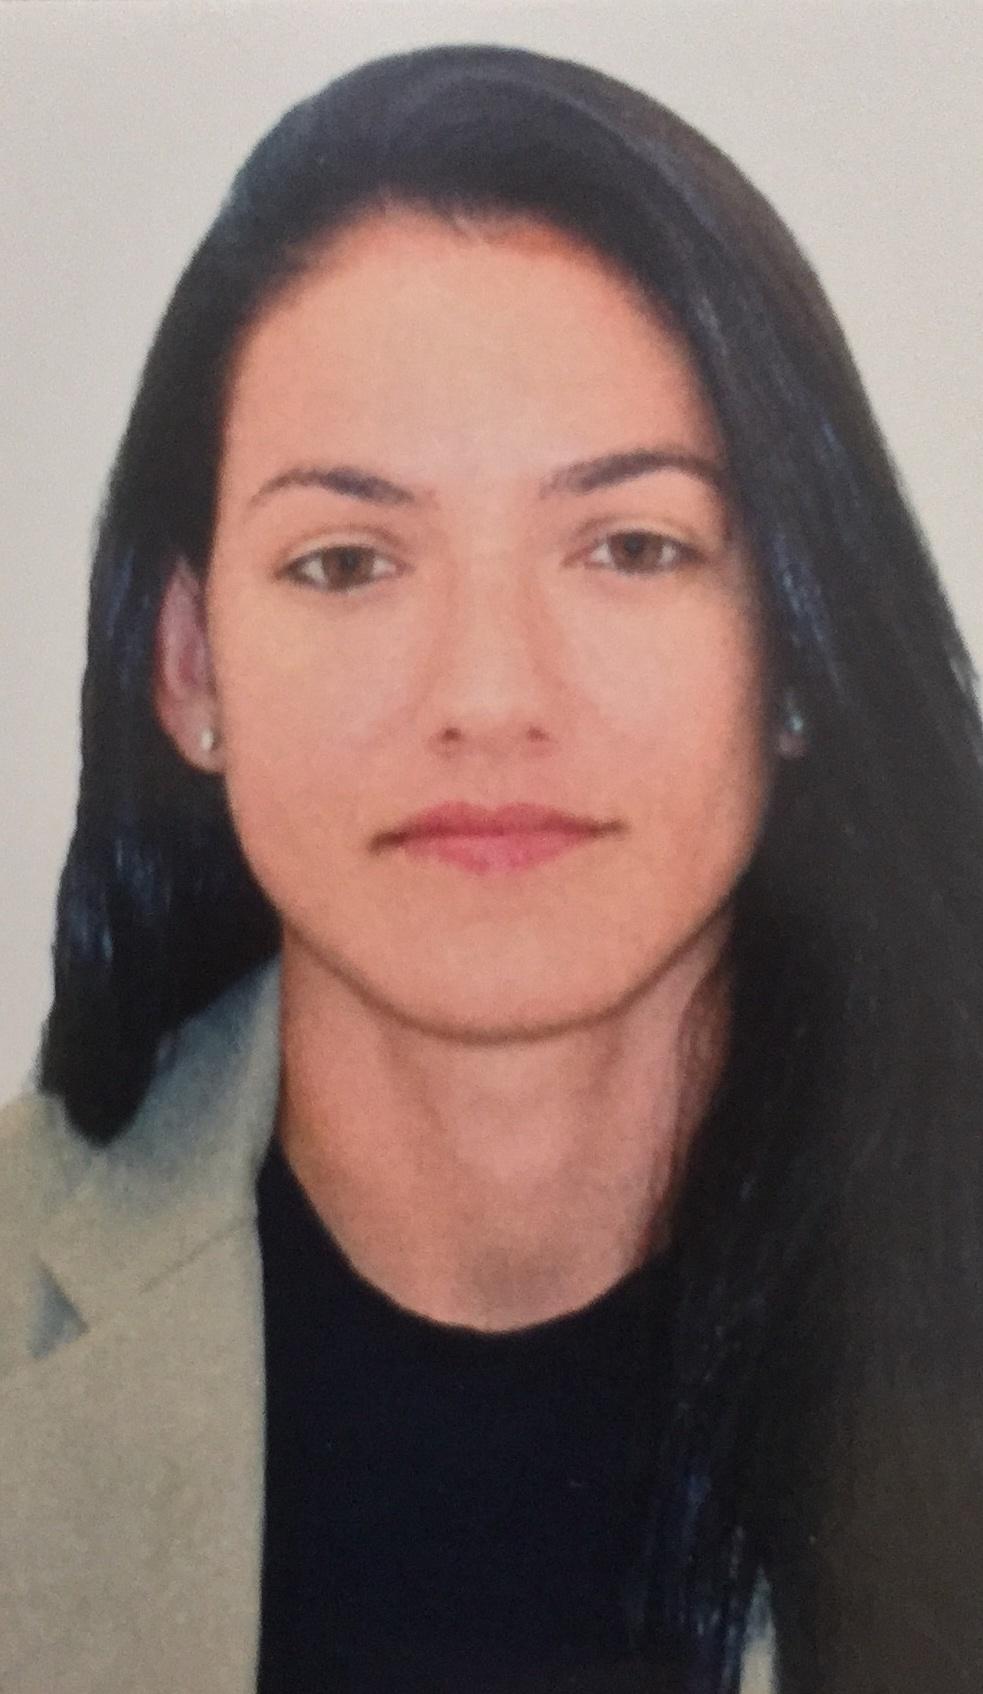 Daiane Caroline Muniz dos Santos